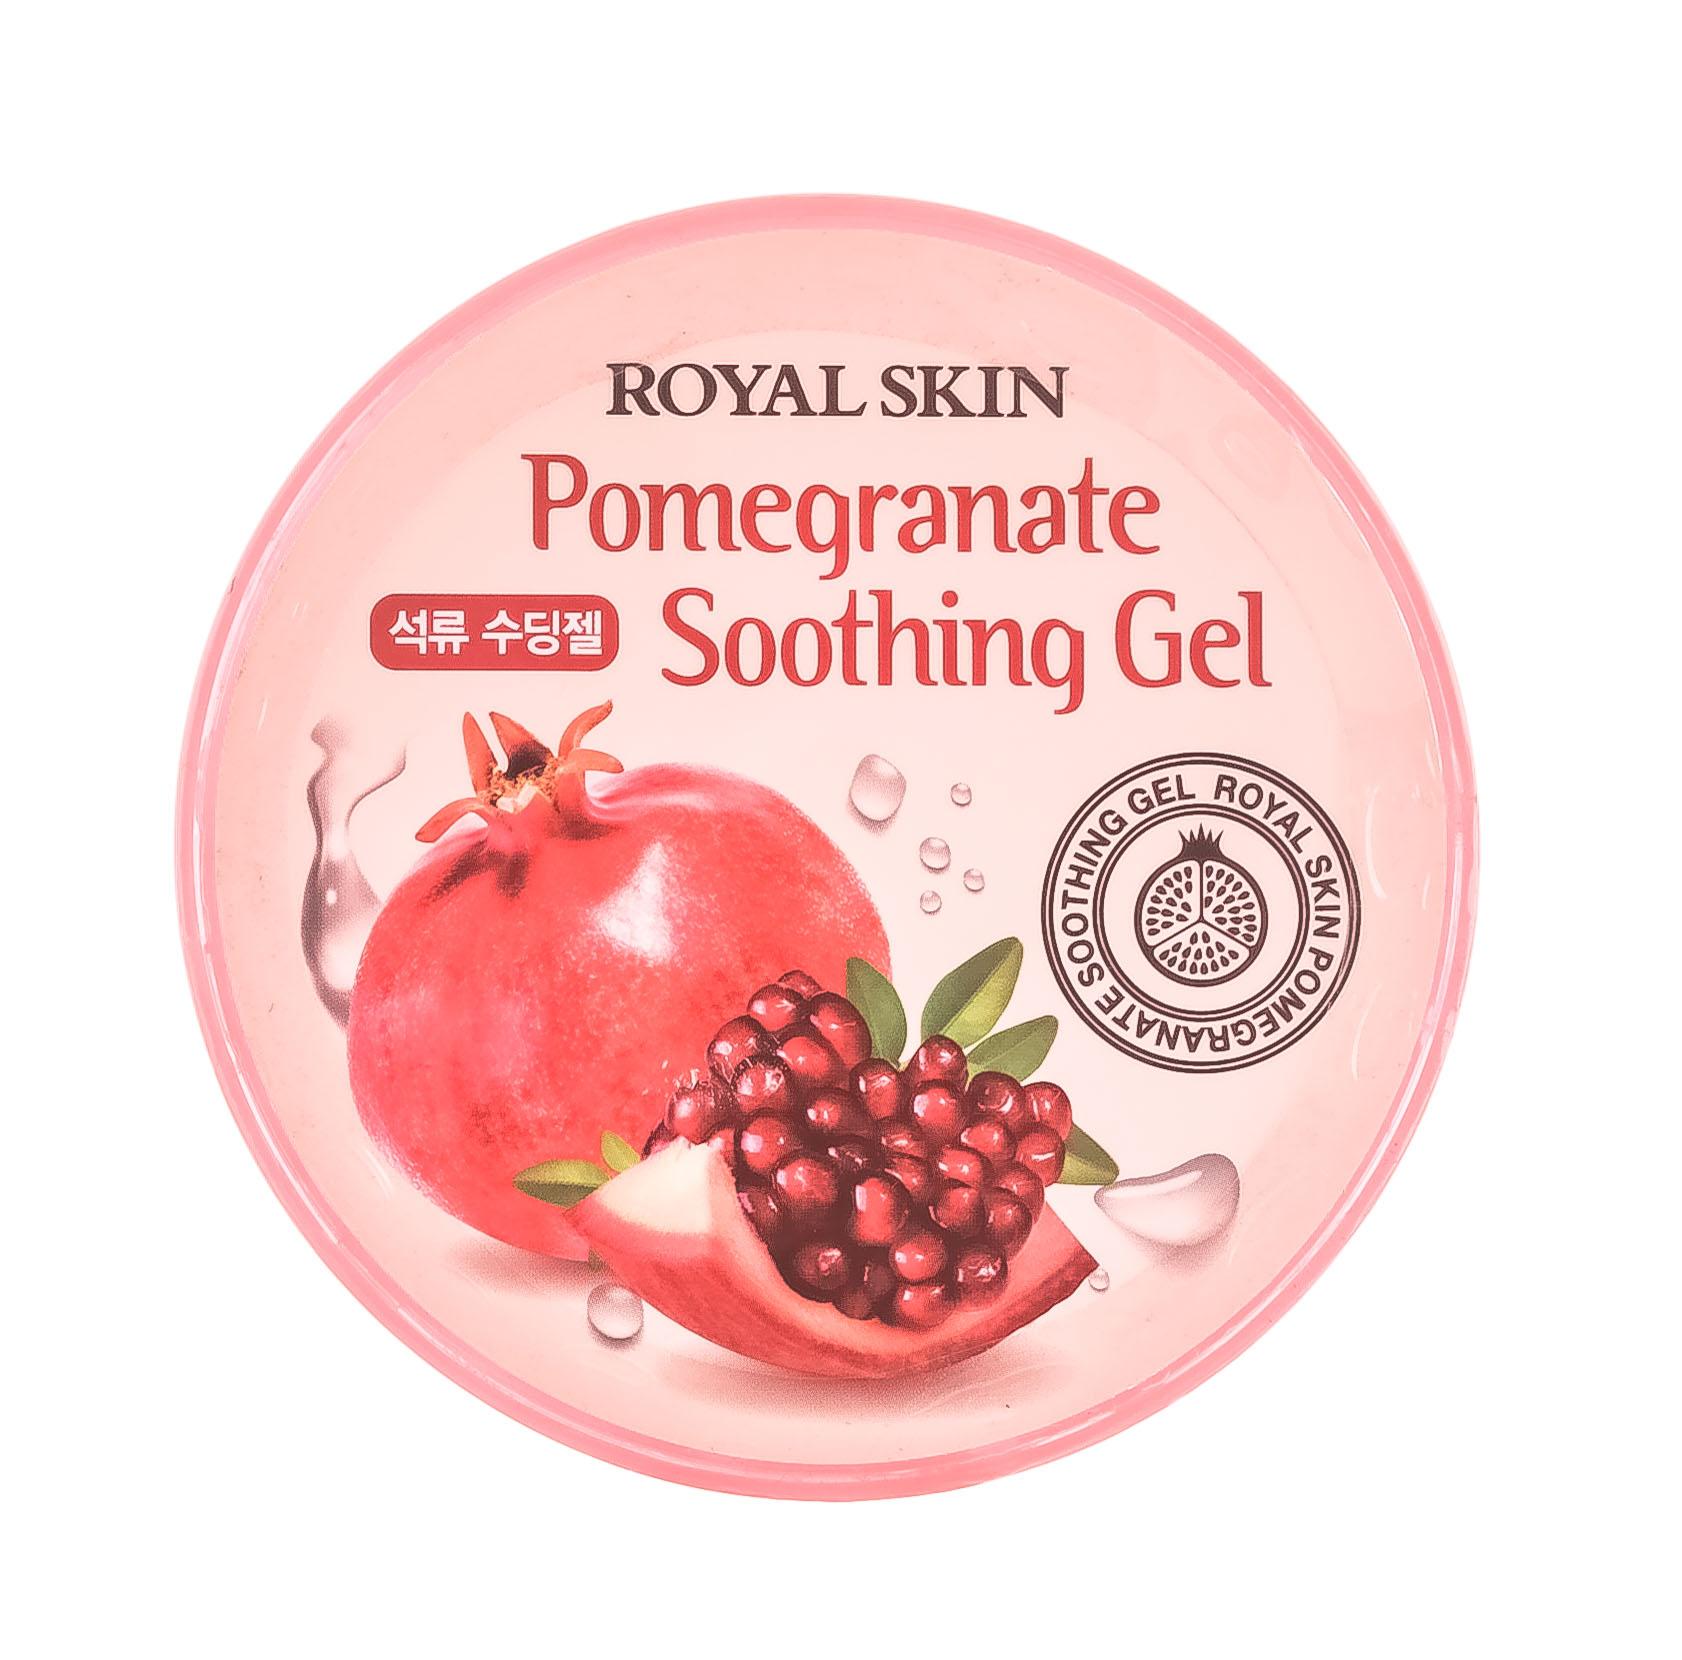 Купить Royal Skin Многофункциональный гель для лица и тела с экстрактом граната, 300 мл (Royal Skin, Для лица), Южная Корея